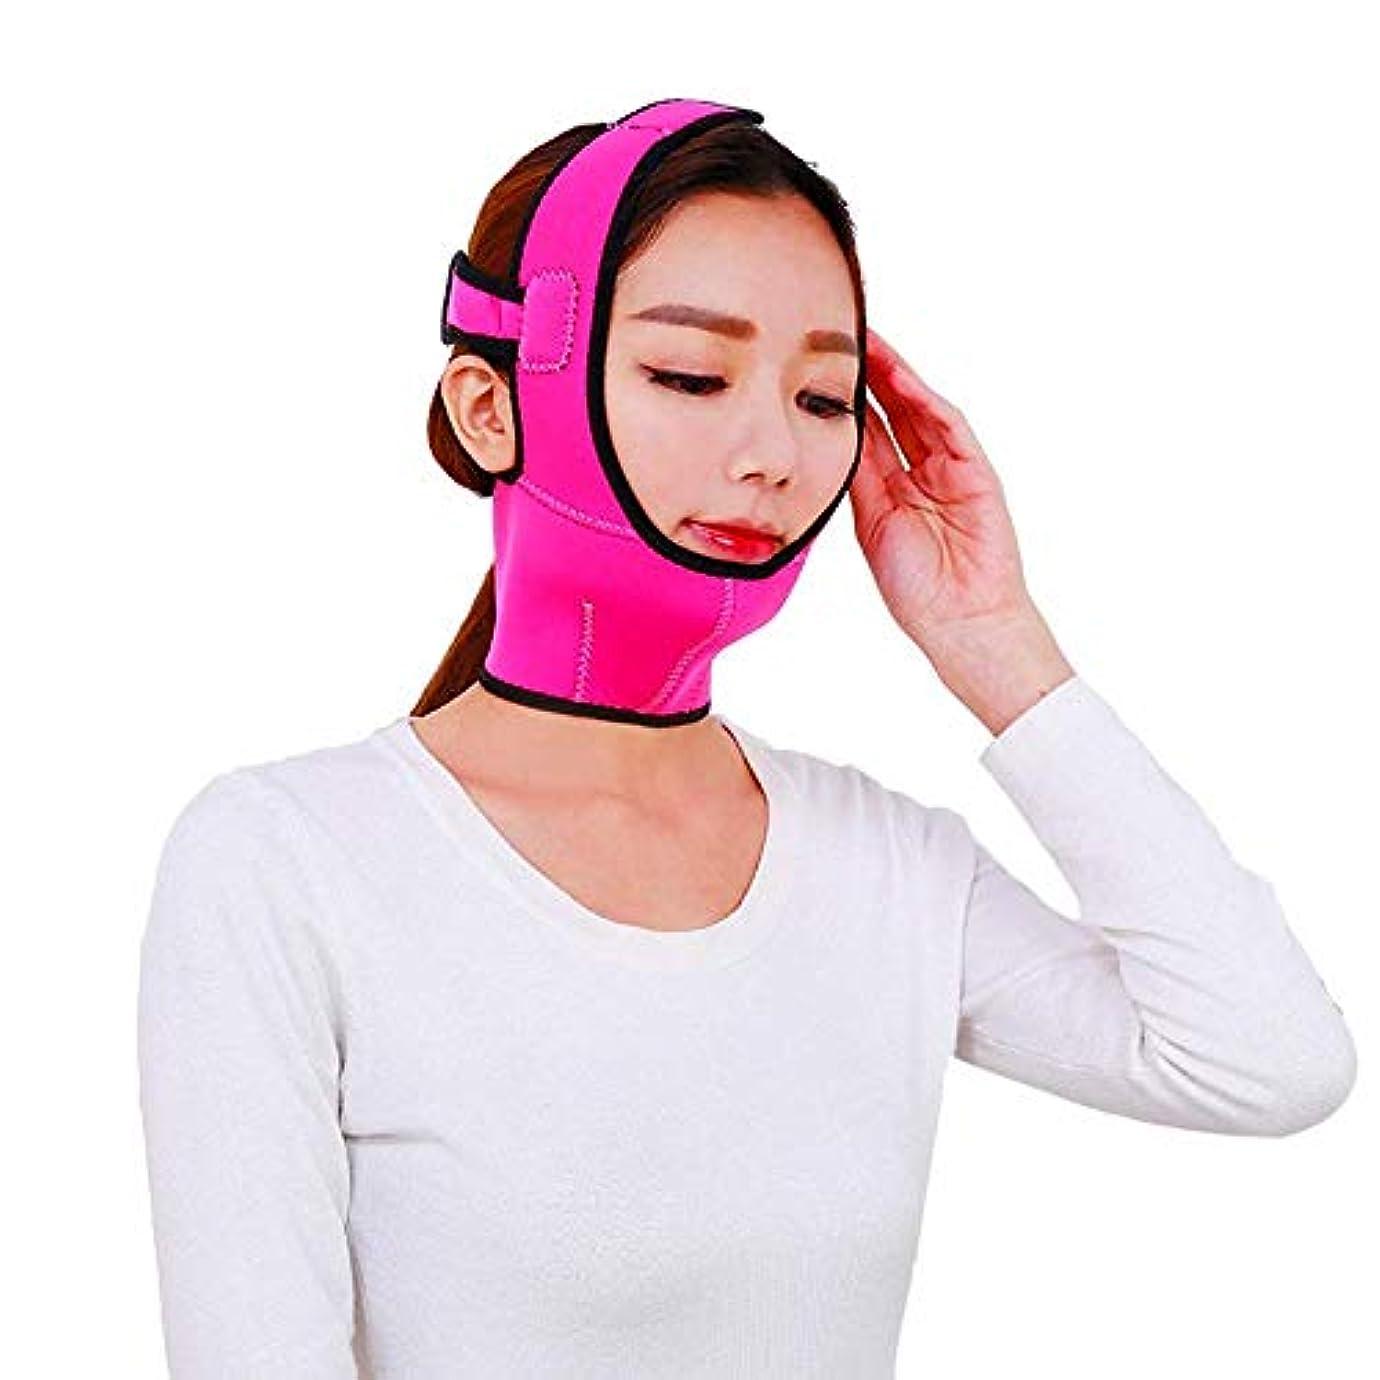 下品ぐったりパプアニューギニア二重あごの顔の持ち上がるマスクVfaceの顔の小さい顔の持ち上がる用具をきつく締める通気性の顔の持ち上がる包帯